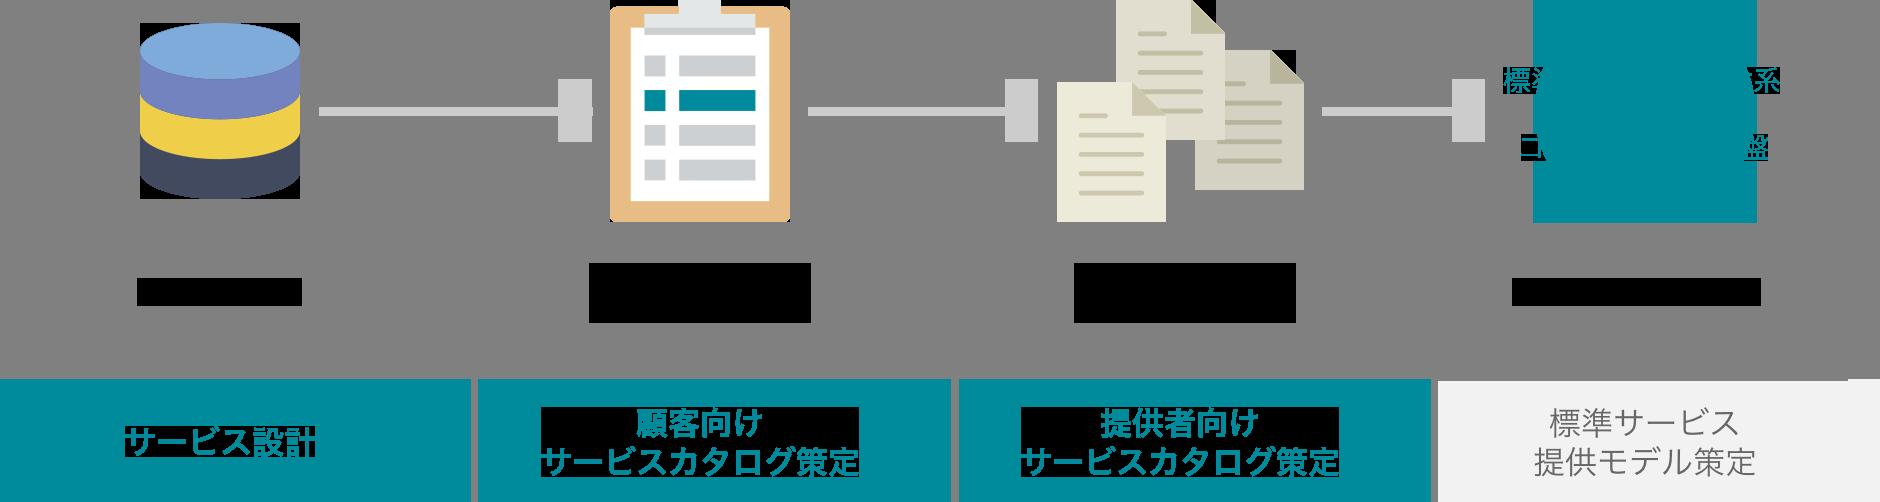 サービス設計/サービスカタログ策定